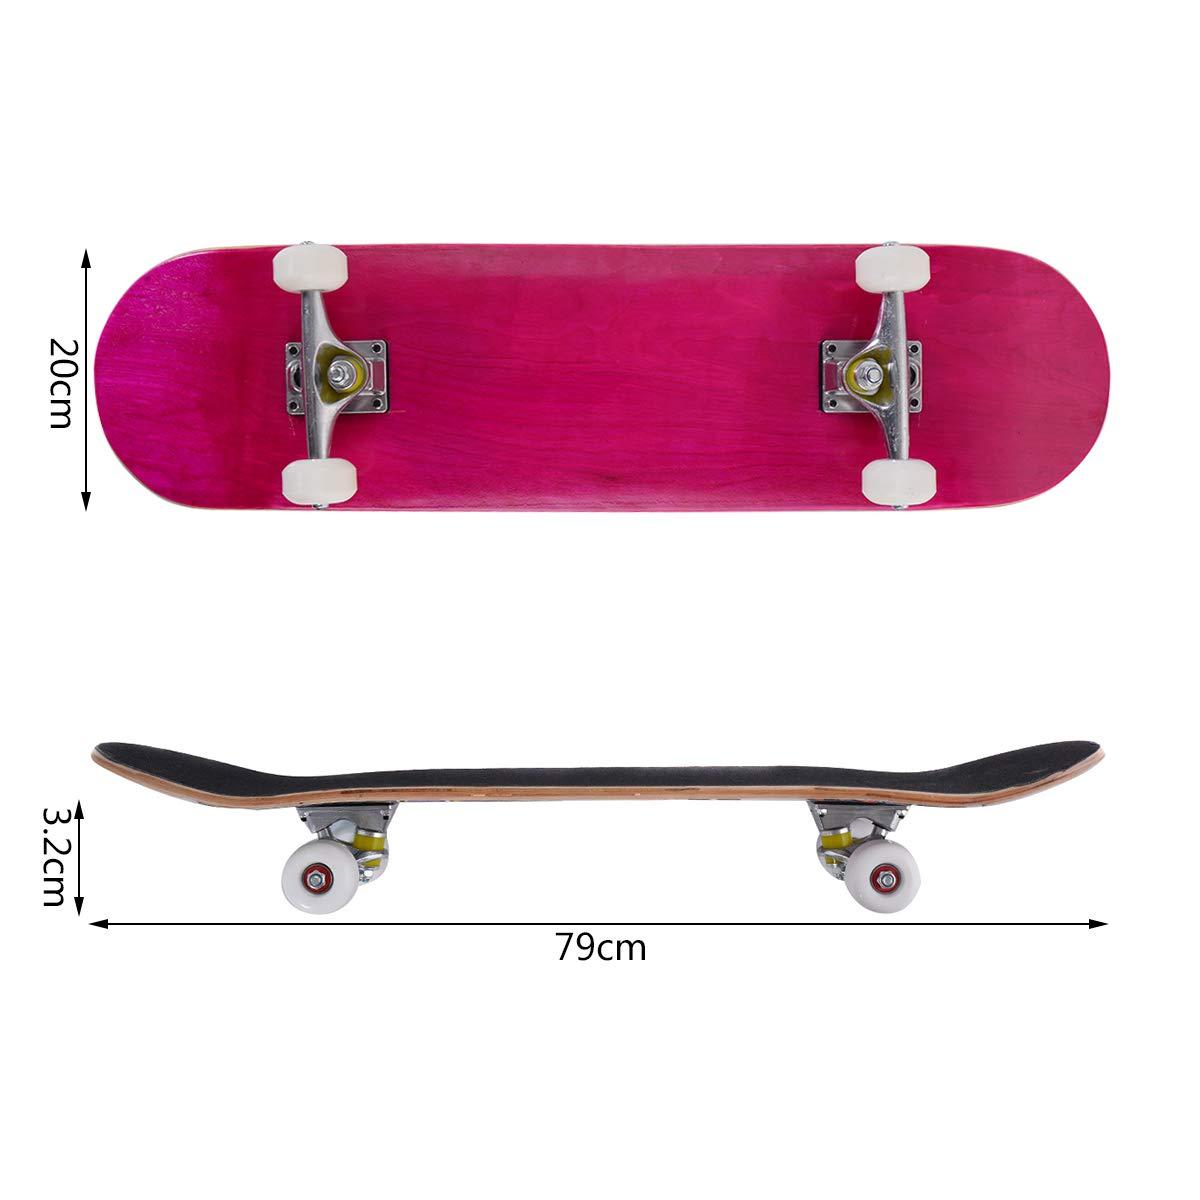 COSTWAY Skateboard Planche /à roulettes en Bois dErable pour Les Enfants Bleu Jeunes et Adultes/79x20cm